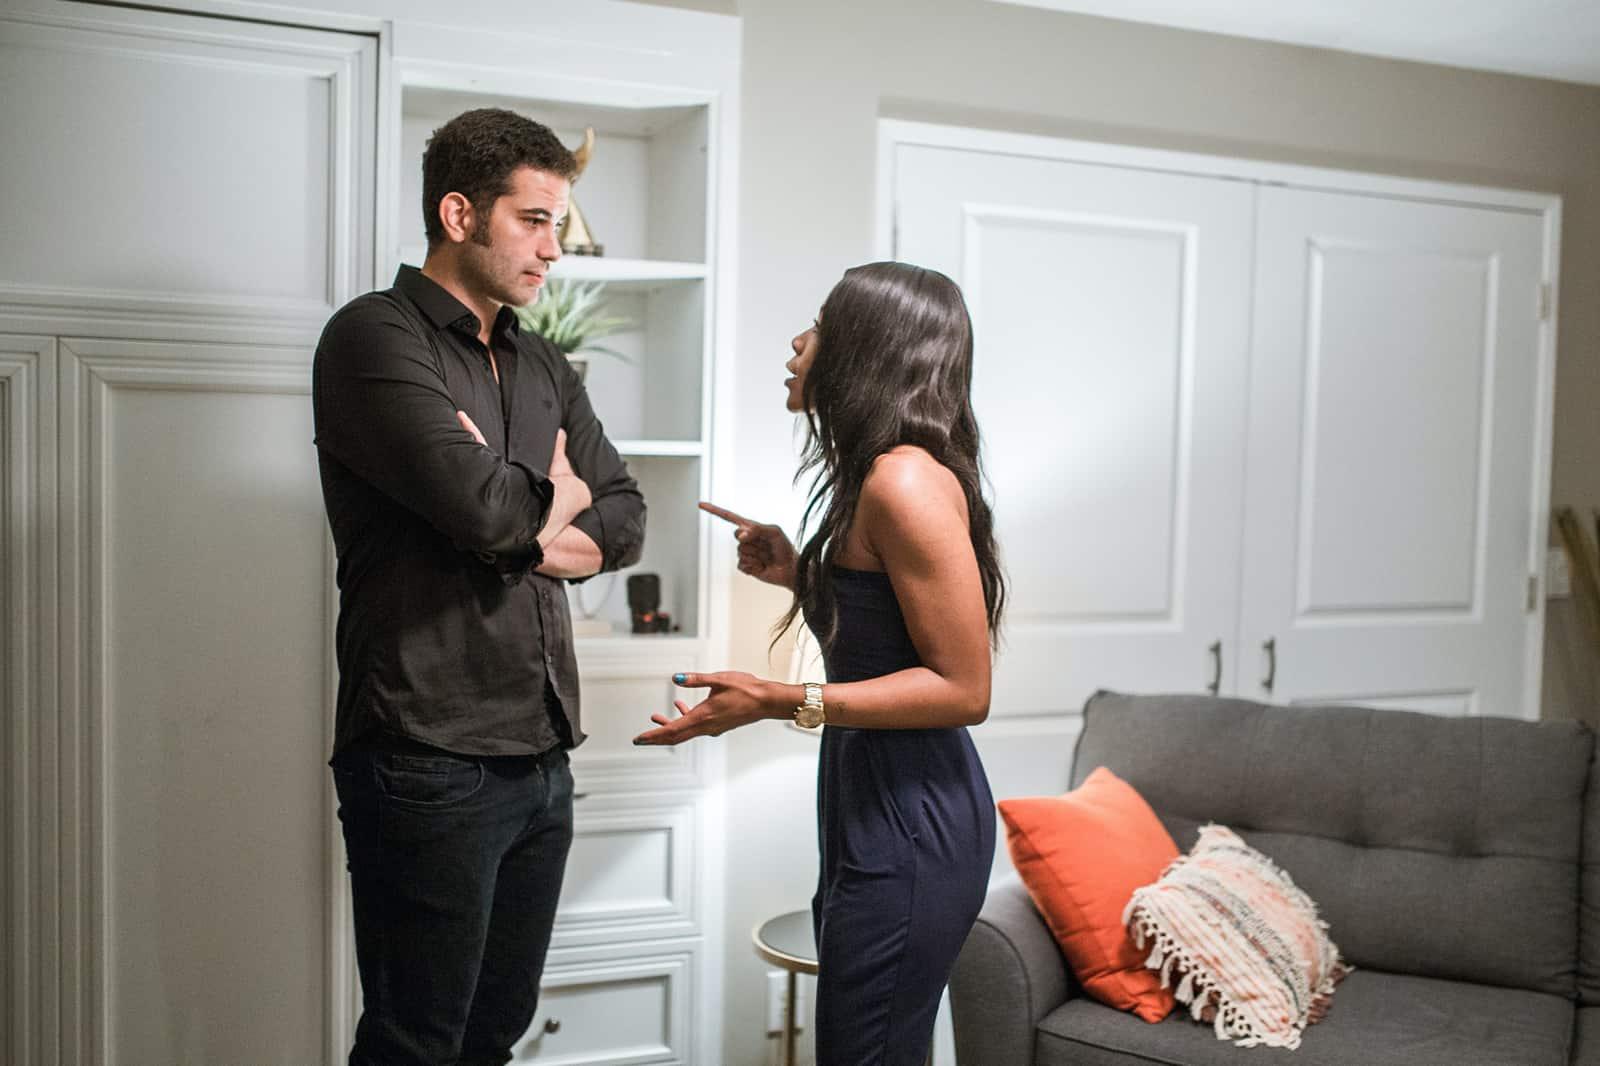 Ein Mann und eine Frau streiten sich, während sie in einer Wohnung stehen